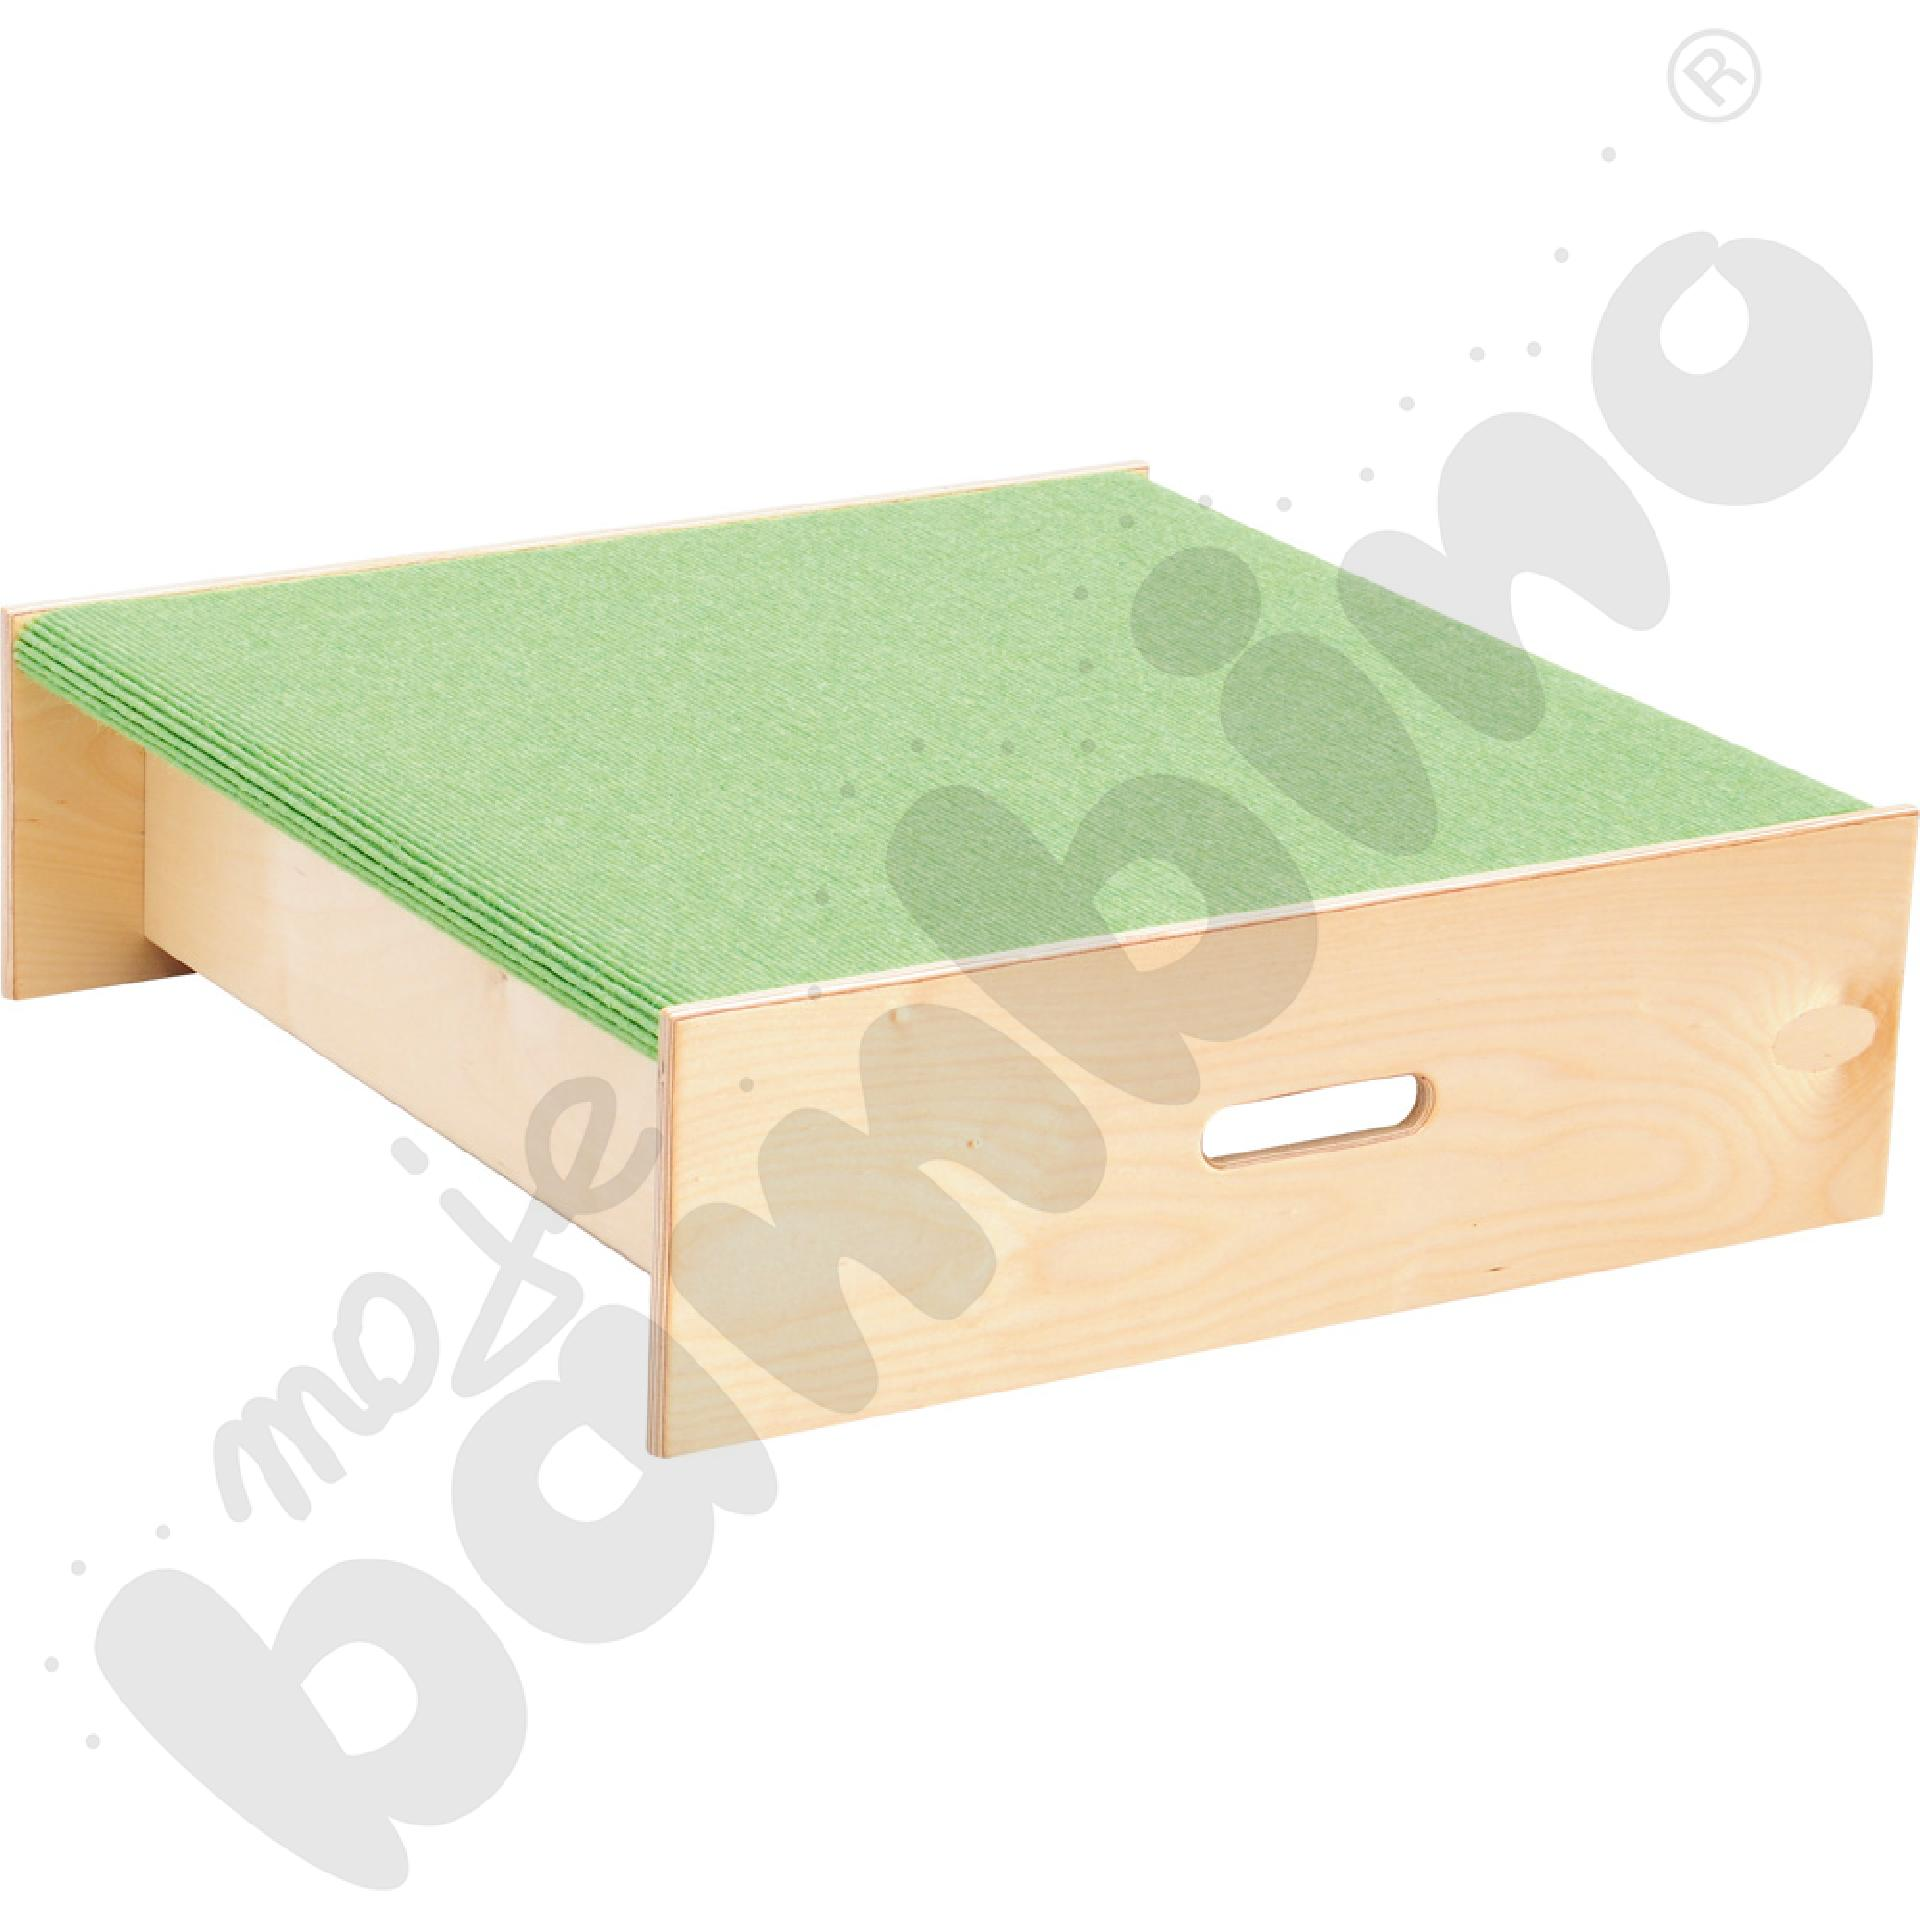 Podest kwadrat - wys. 20 cm jasnozielony